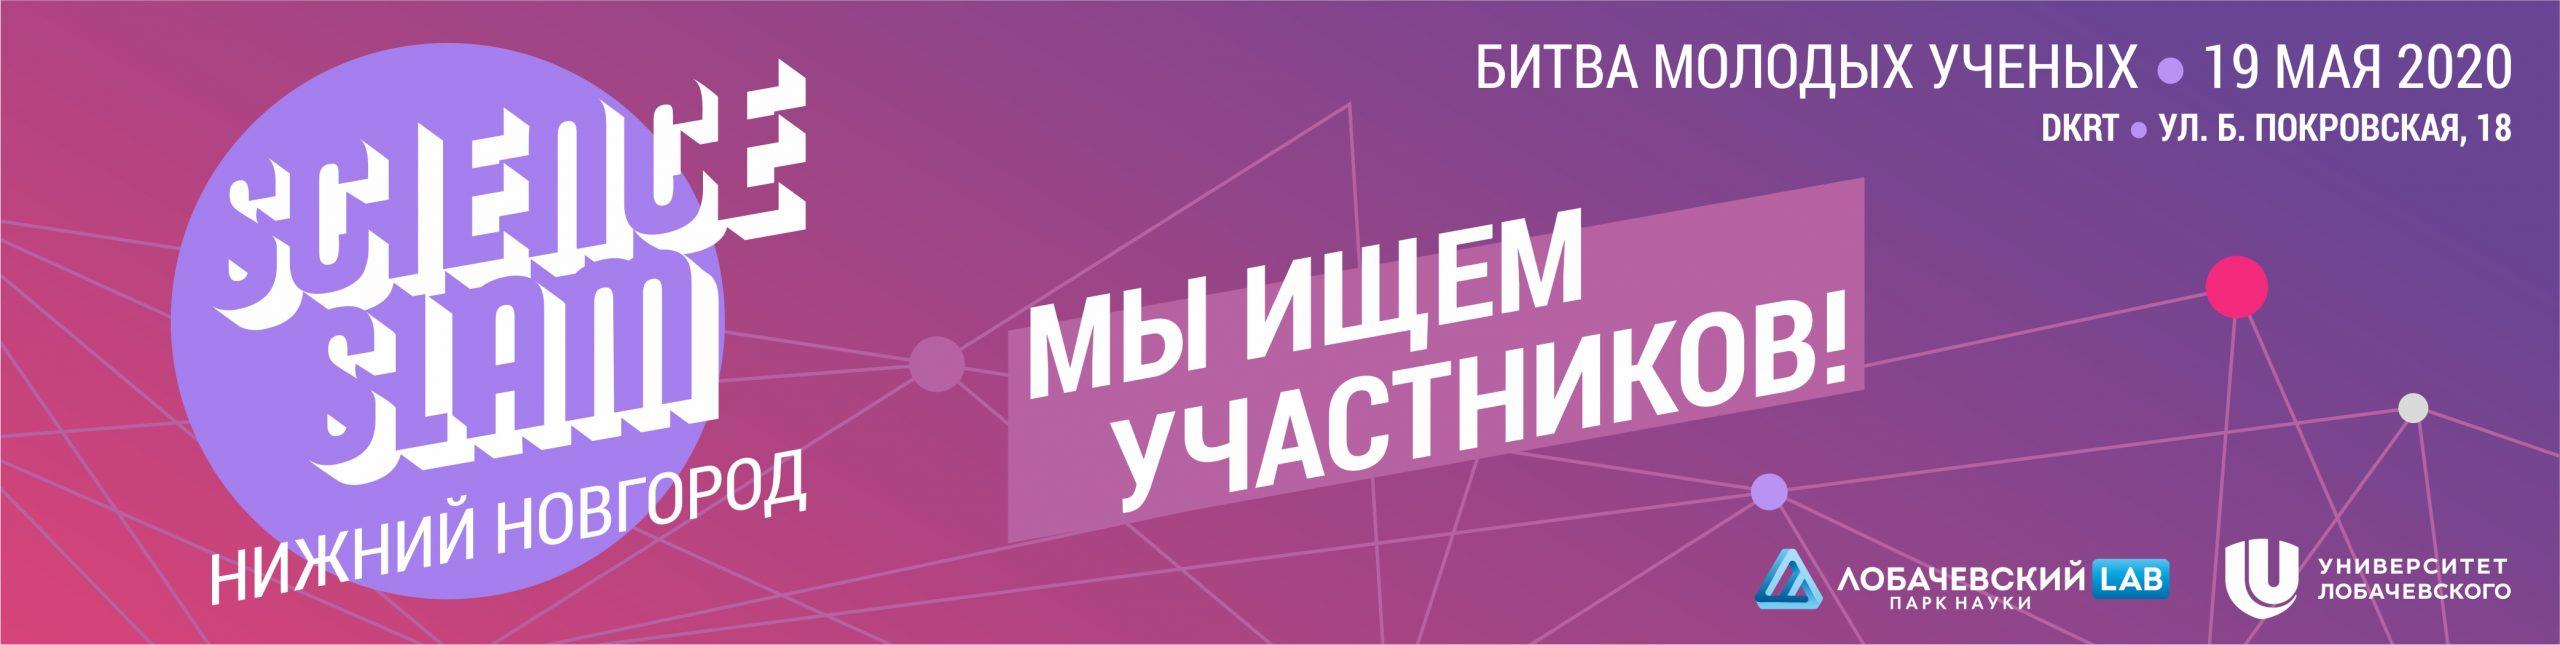 Science Slam Нижний Новгород